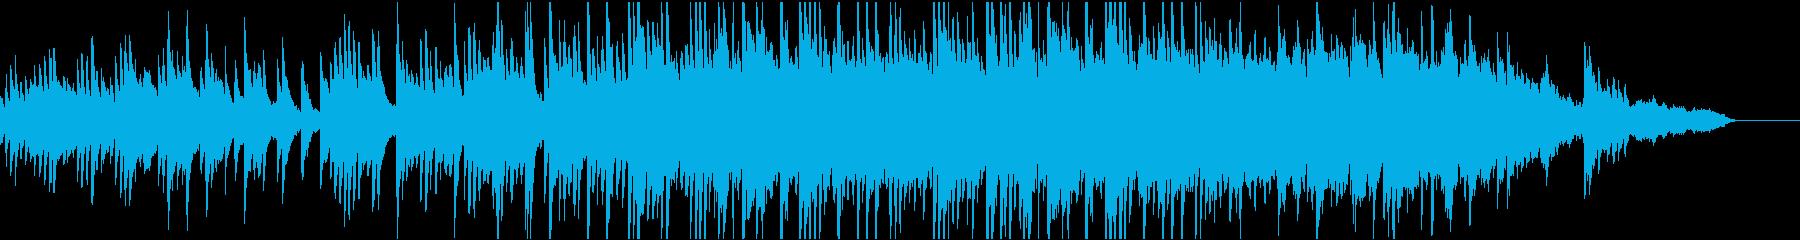 結婚式・手紙・16bit48kHzVerの再生済みの波形